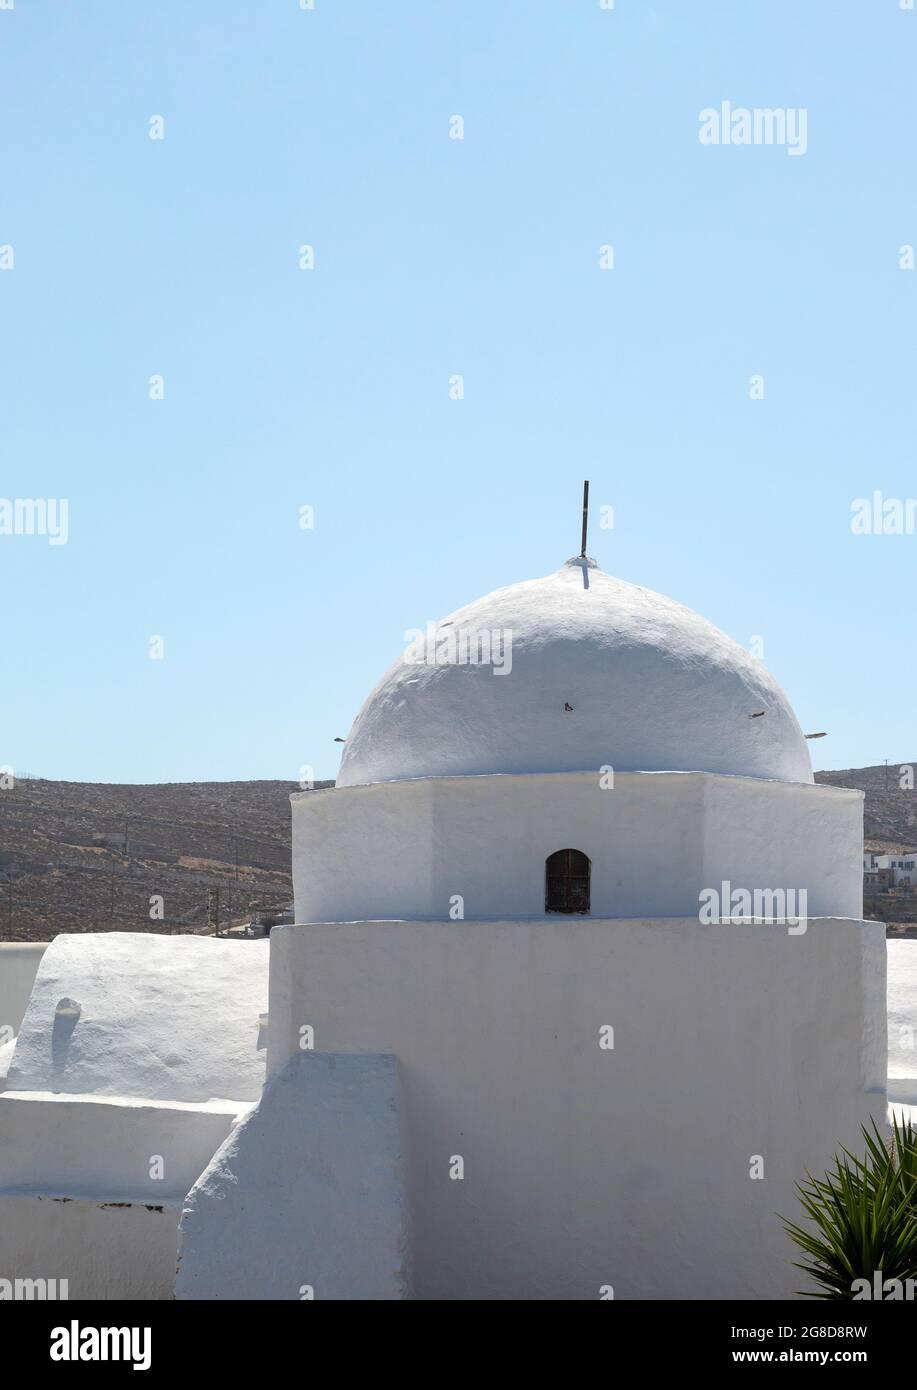 Île de Folegandros, Grèce. Église dans la vieille ville. Photo verticale de la vue rapprochée du dôme du magnifique bâtiment historique. Copier l'espace Banque D'Images